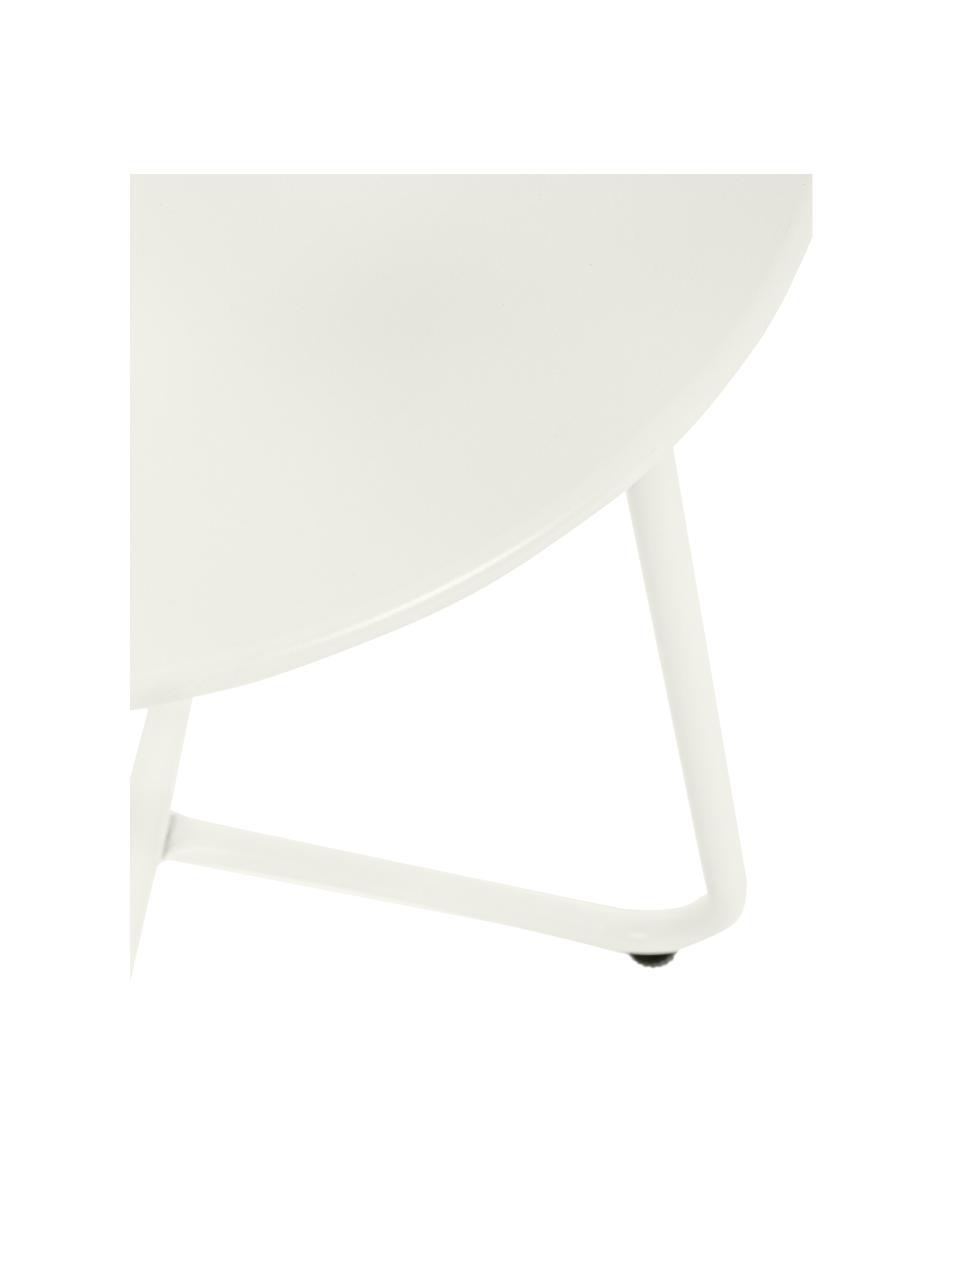 Metall-Gartenbeistelltisch Wissant in Weiß, Stahl, pulverbeschichtet, Weiß, Ø 40 x H 45 cm